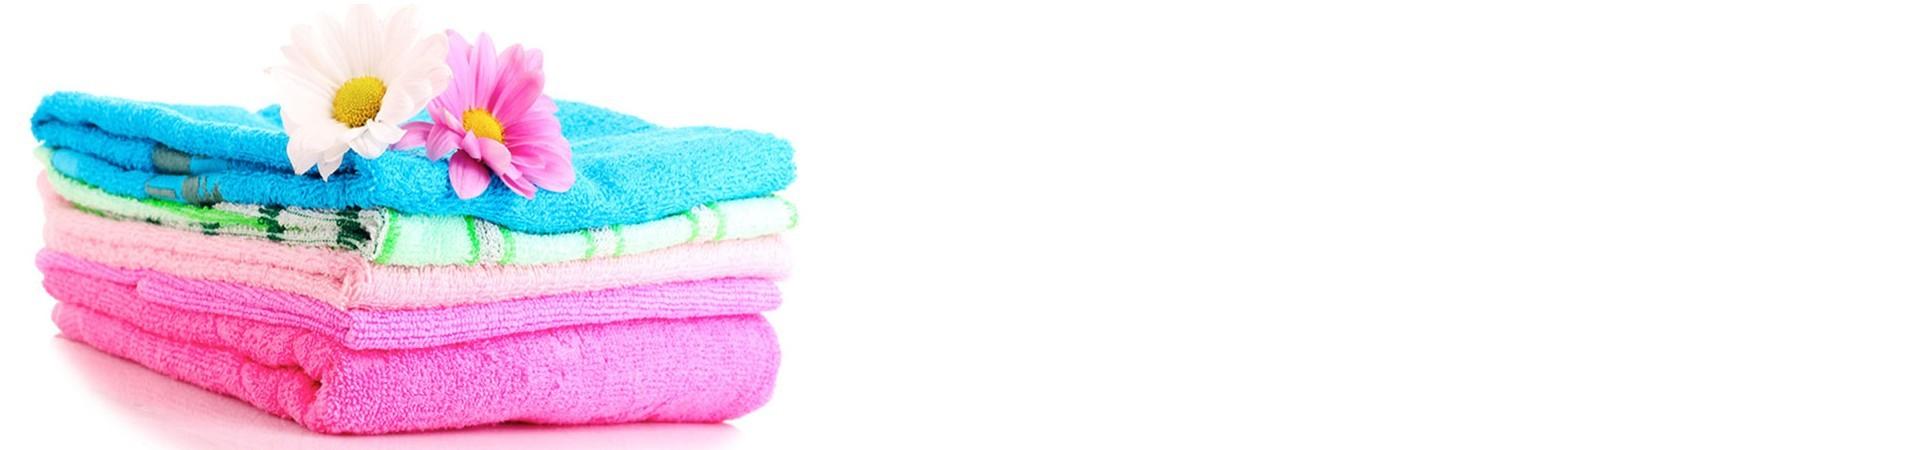 Detergenti e Additivi Profumati per Bucato